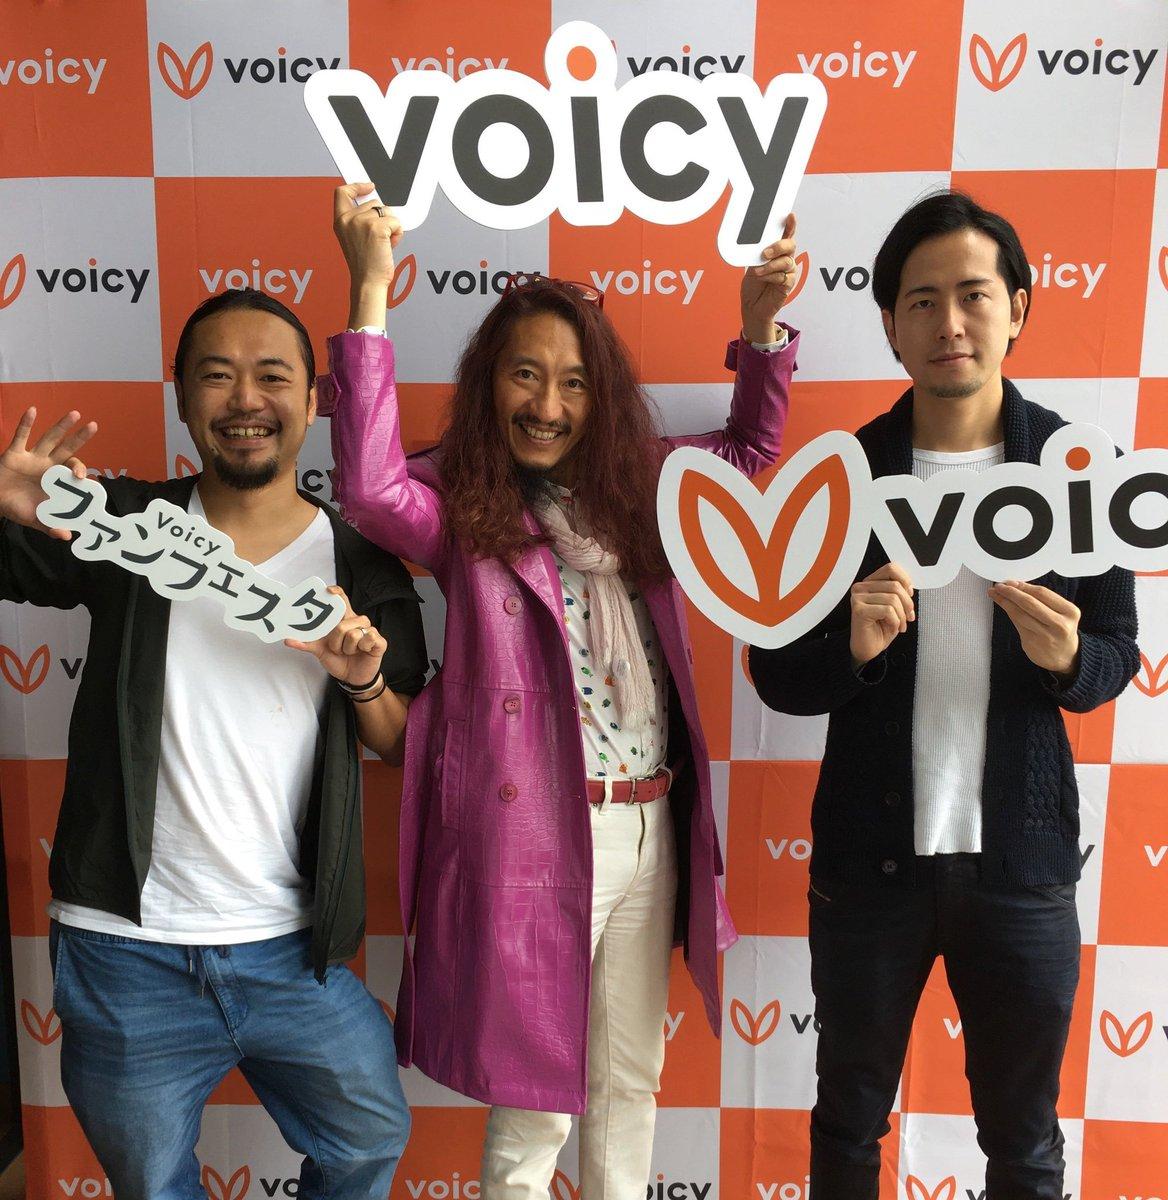 ✨まもなく #Voicyファンフェスタ 出演✨『#そもそもラジオ with T』 北野唯我さん @yuigak『澤円の深夜の福音ラジオ』 Madoka Sawaさん @madoka510が、まもなくステージに登場!謎の男 Tさんもいらっしゃいます🤗どんなコラボトークになるのでしょうか!お楽しみに!#Voicy